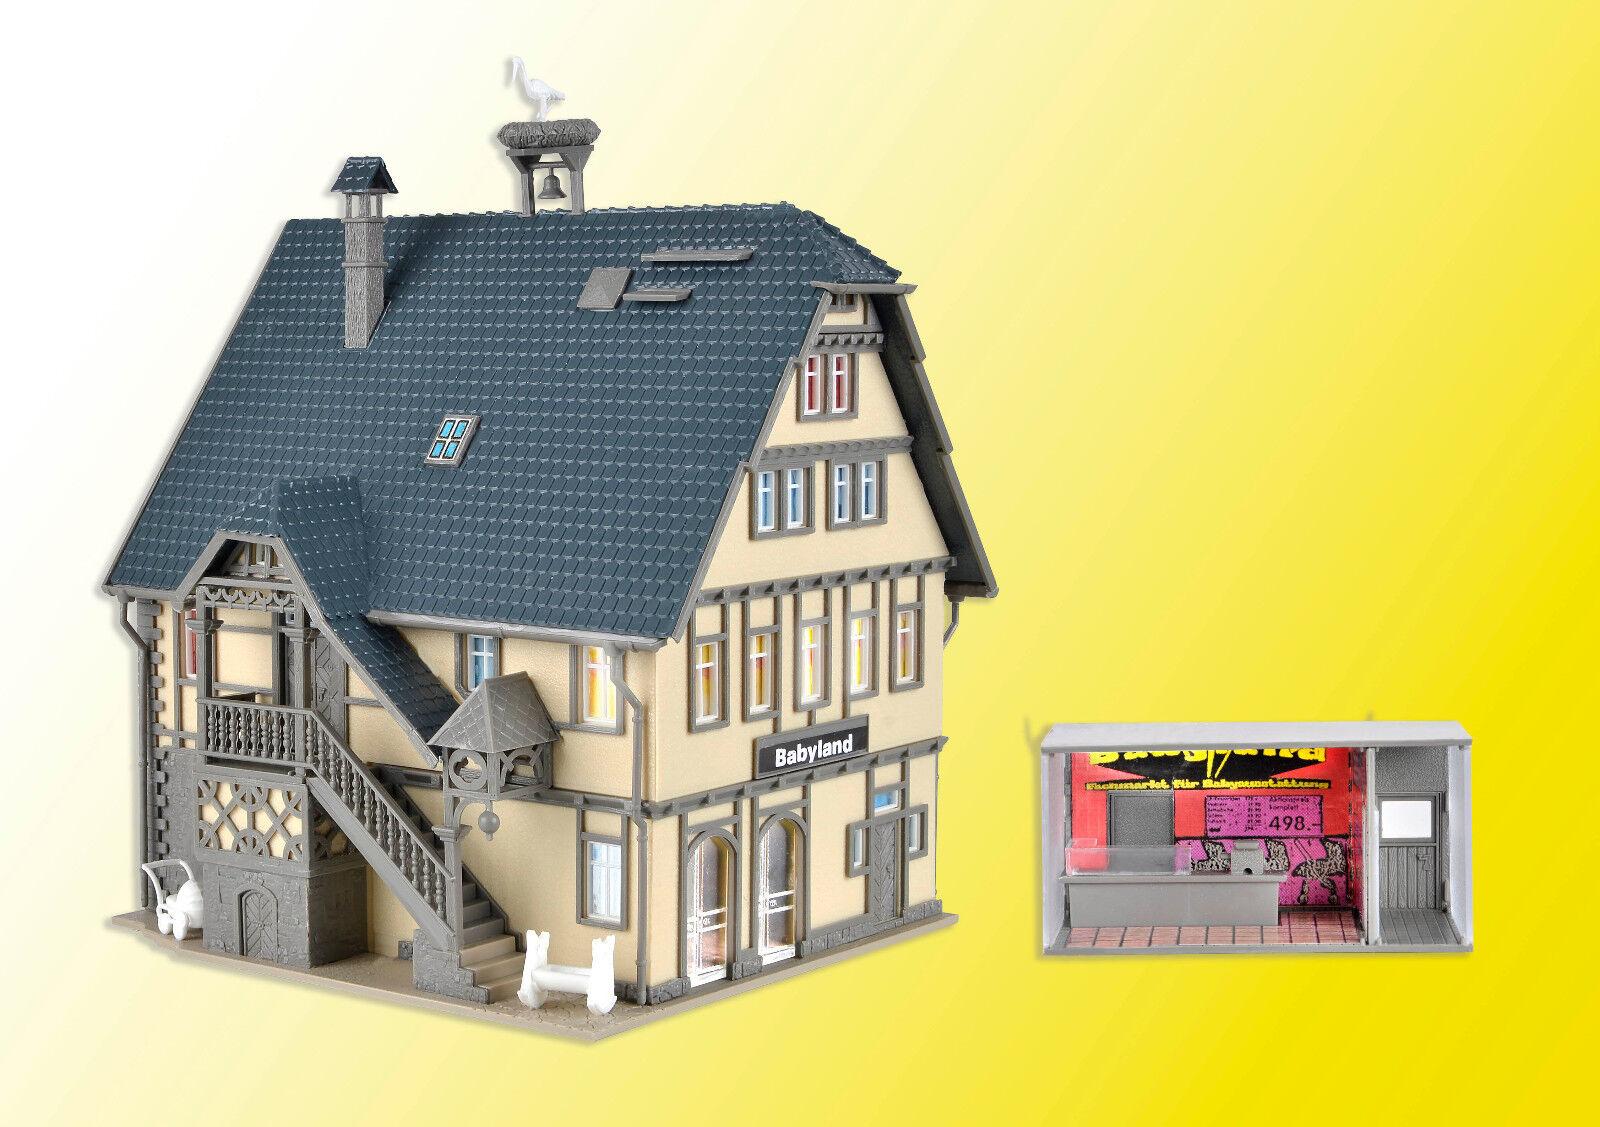 Vollmer 43661 - H0 Kit Boutique Babyland with Led Lighting -